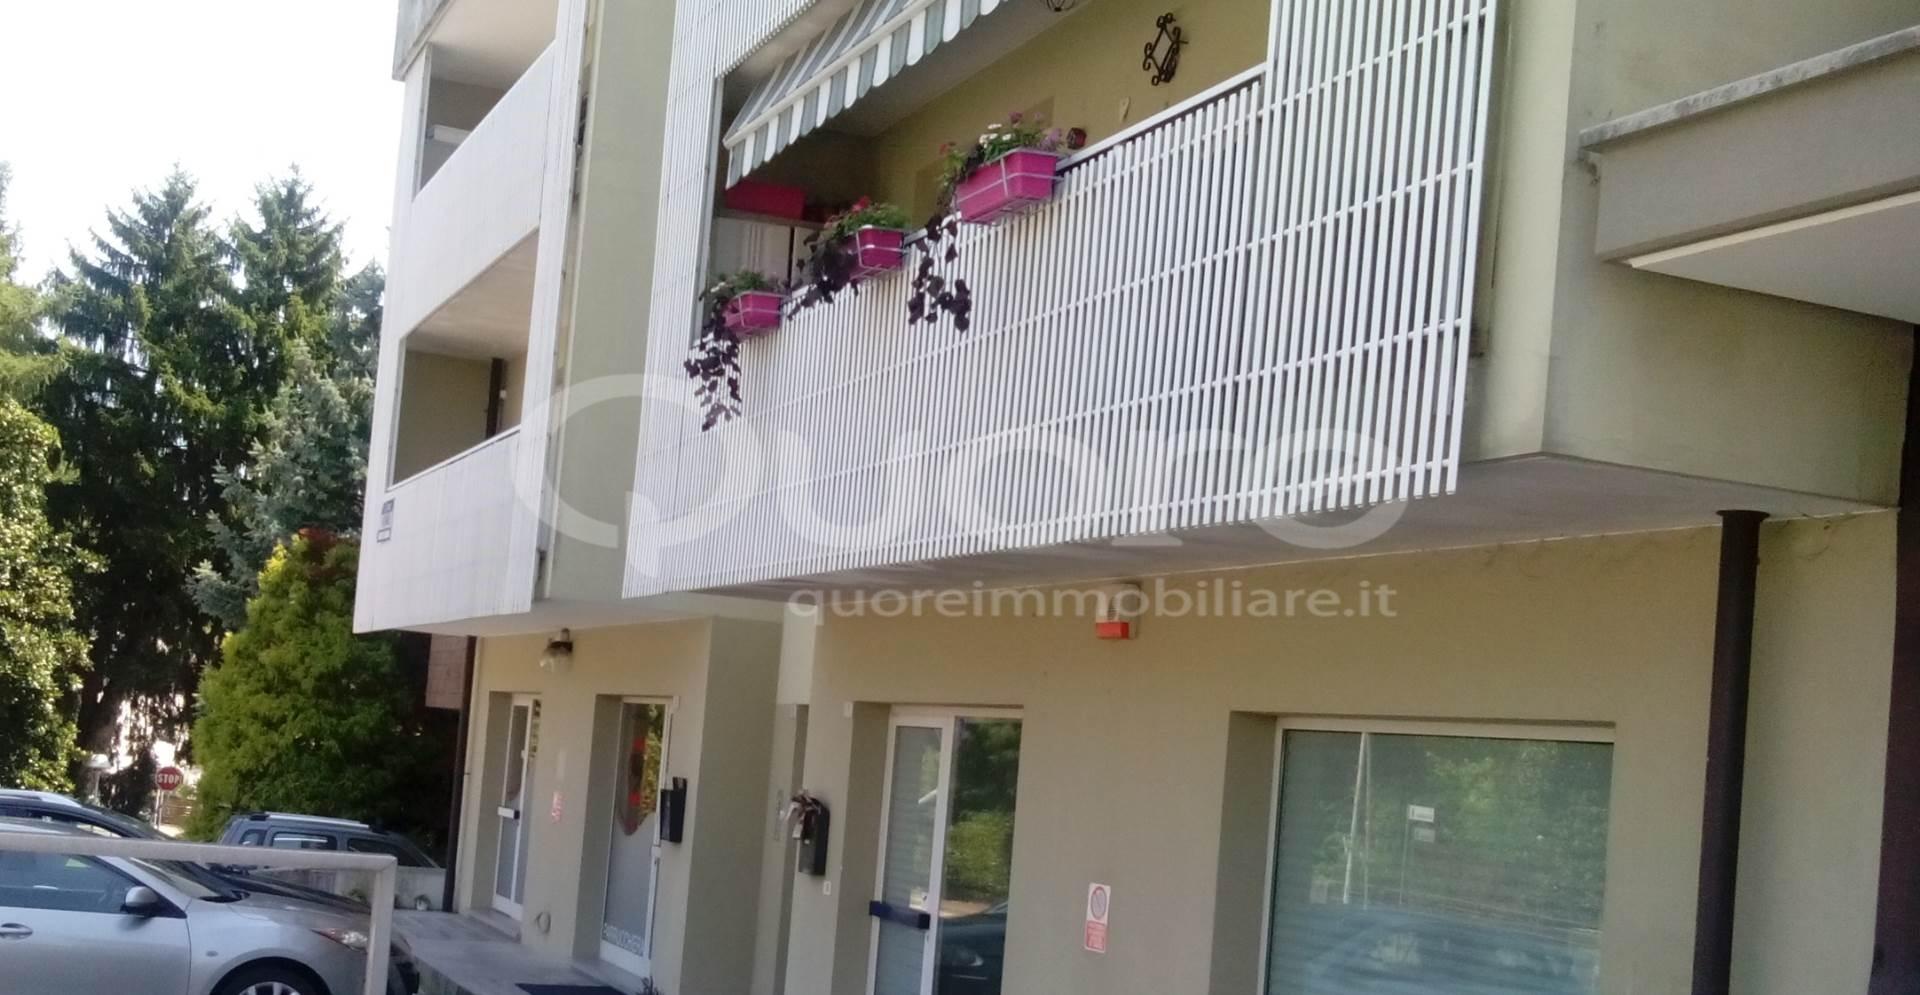 Appartamento in vendita a Tricesimo, 4 locali, prezzo € 115.000 | CambioCasa.it